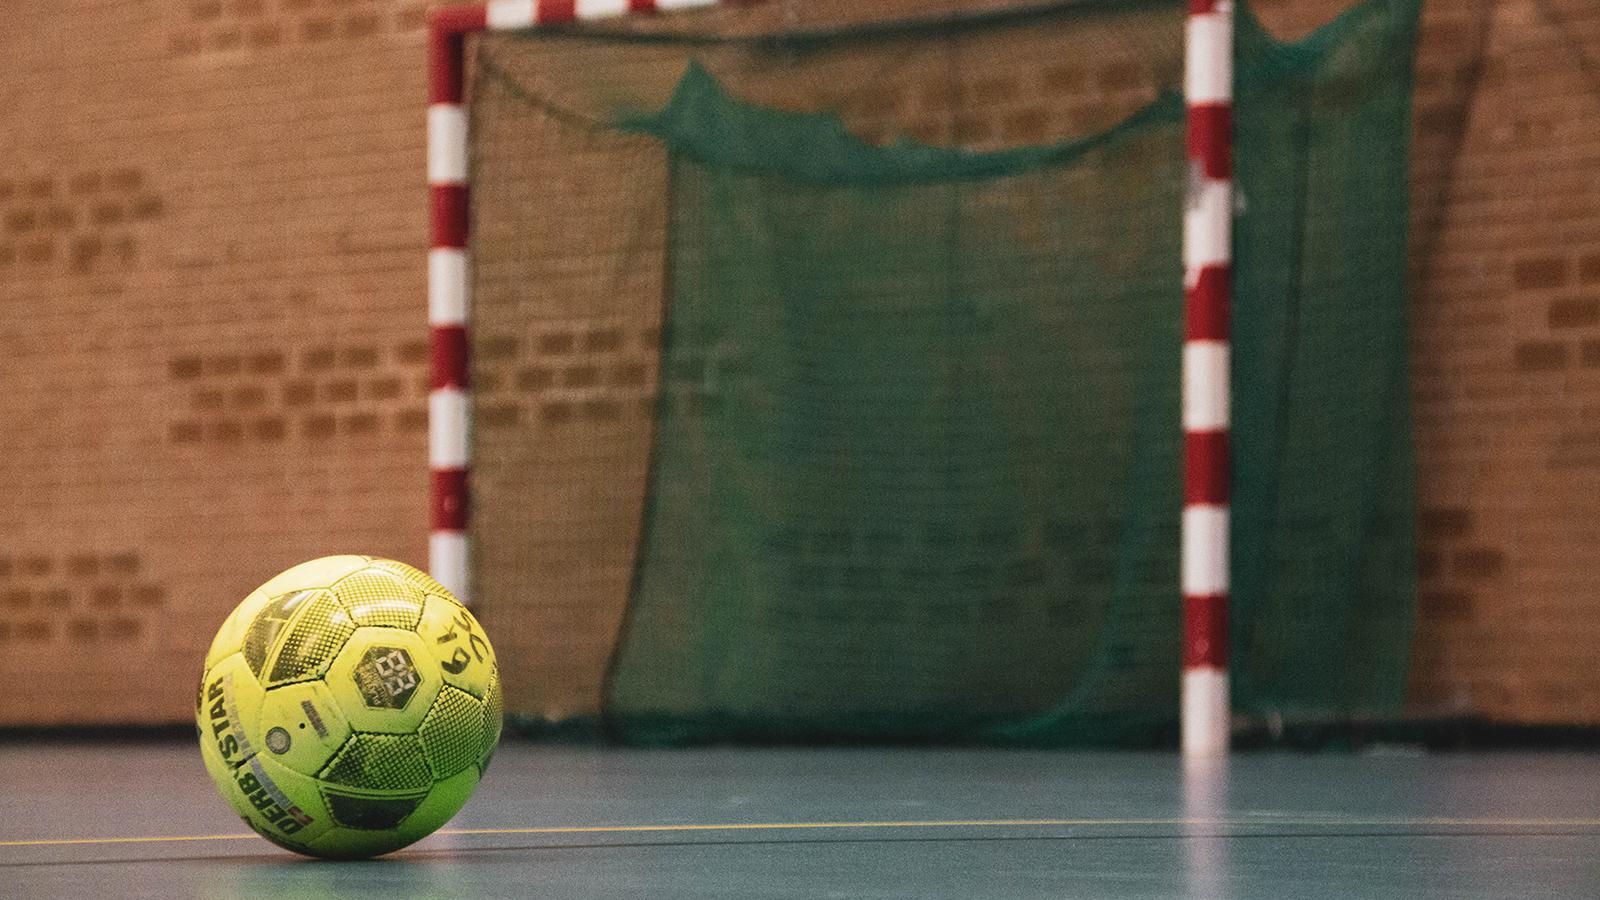 【きょうのスポーツ】フットサルの世界一を争うワールドカップの出場24チームが決定…大会は9月に開幕|フットサル